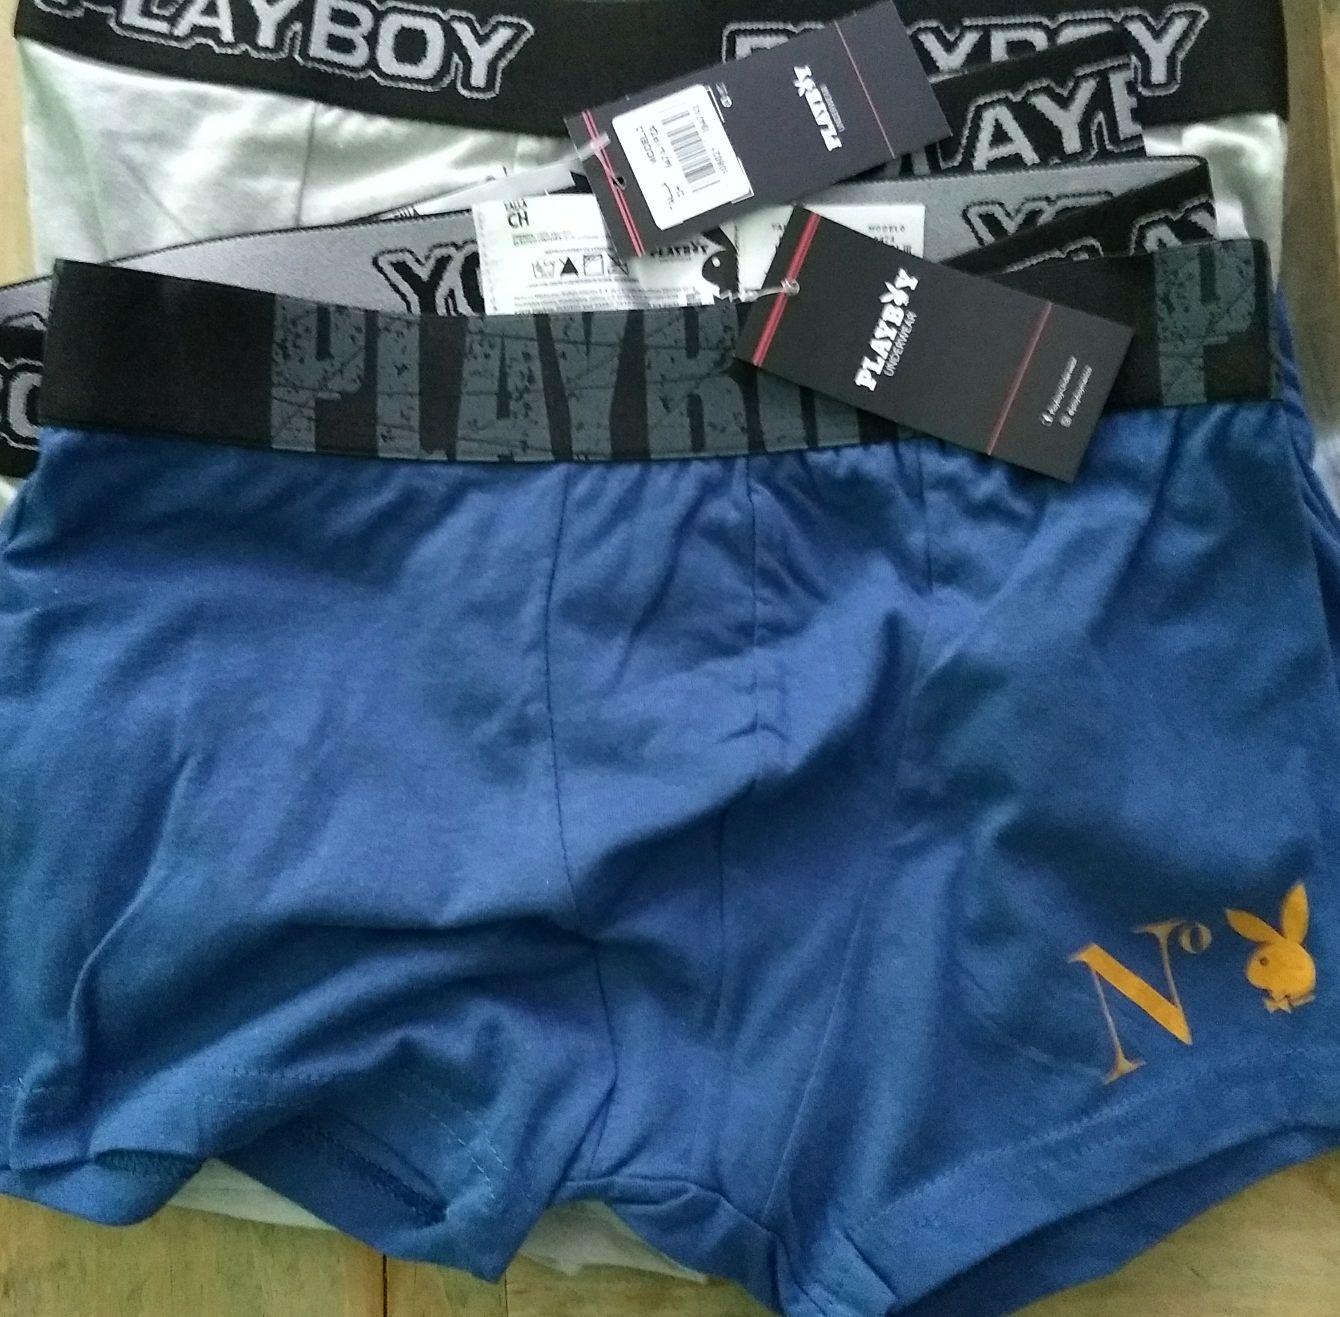 Walmart arboledas Boxer Playboy